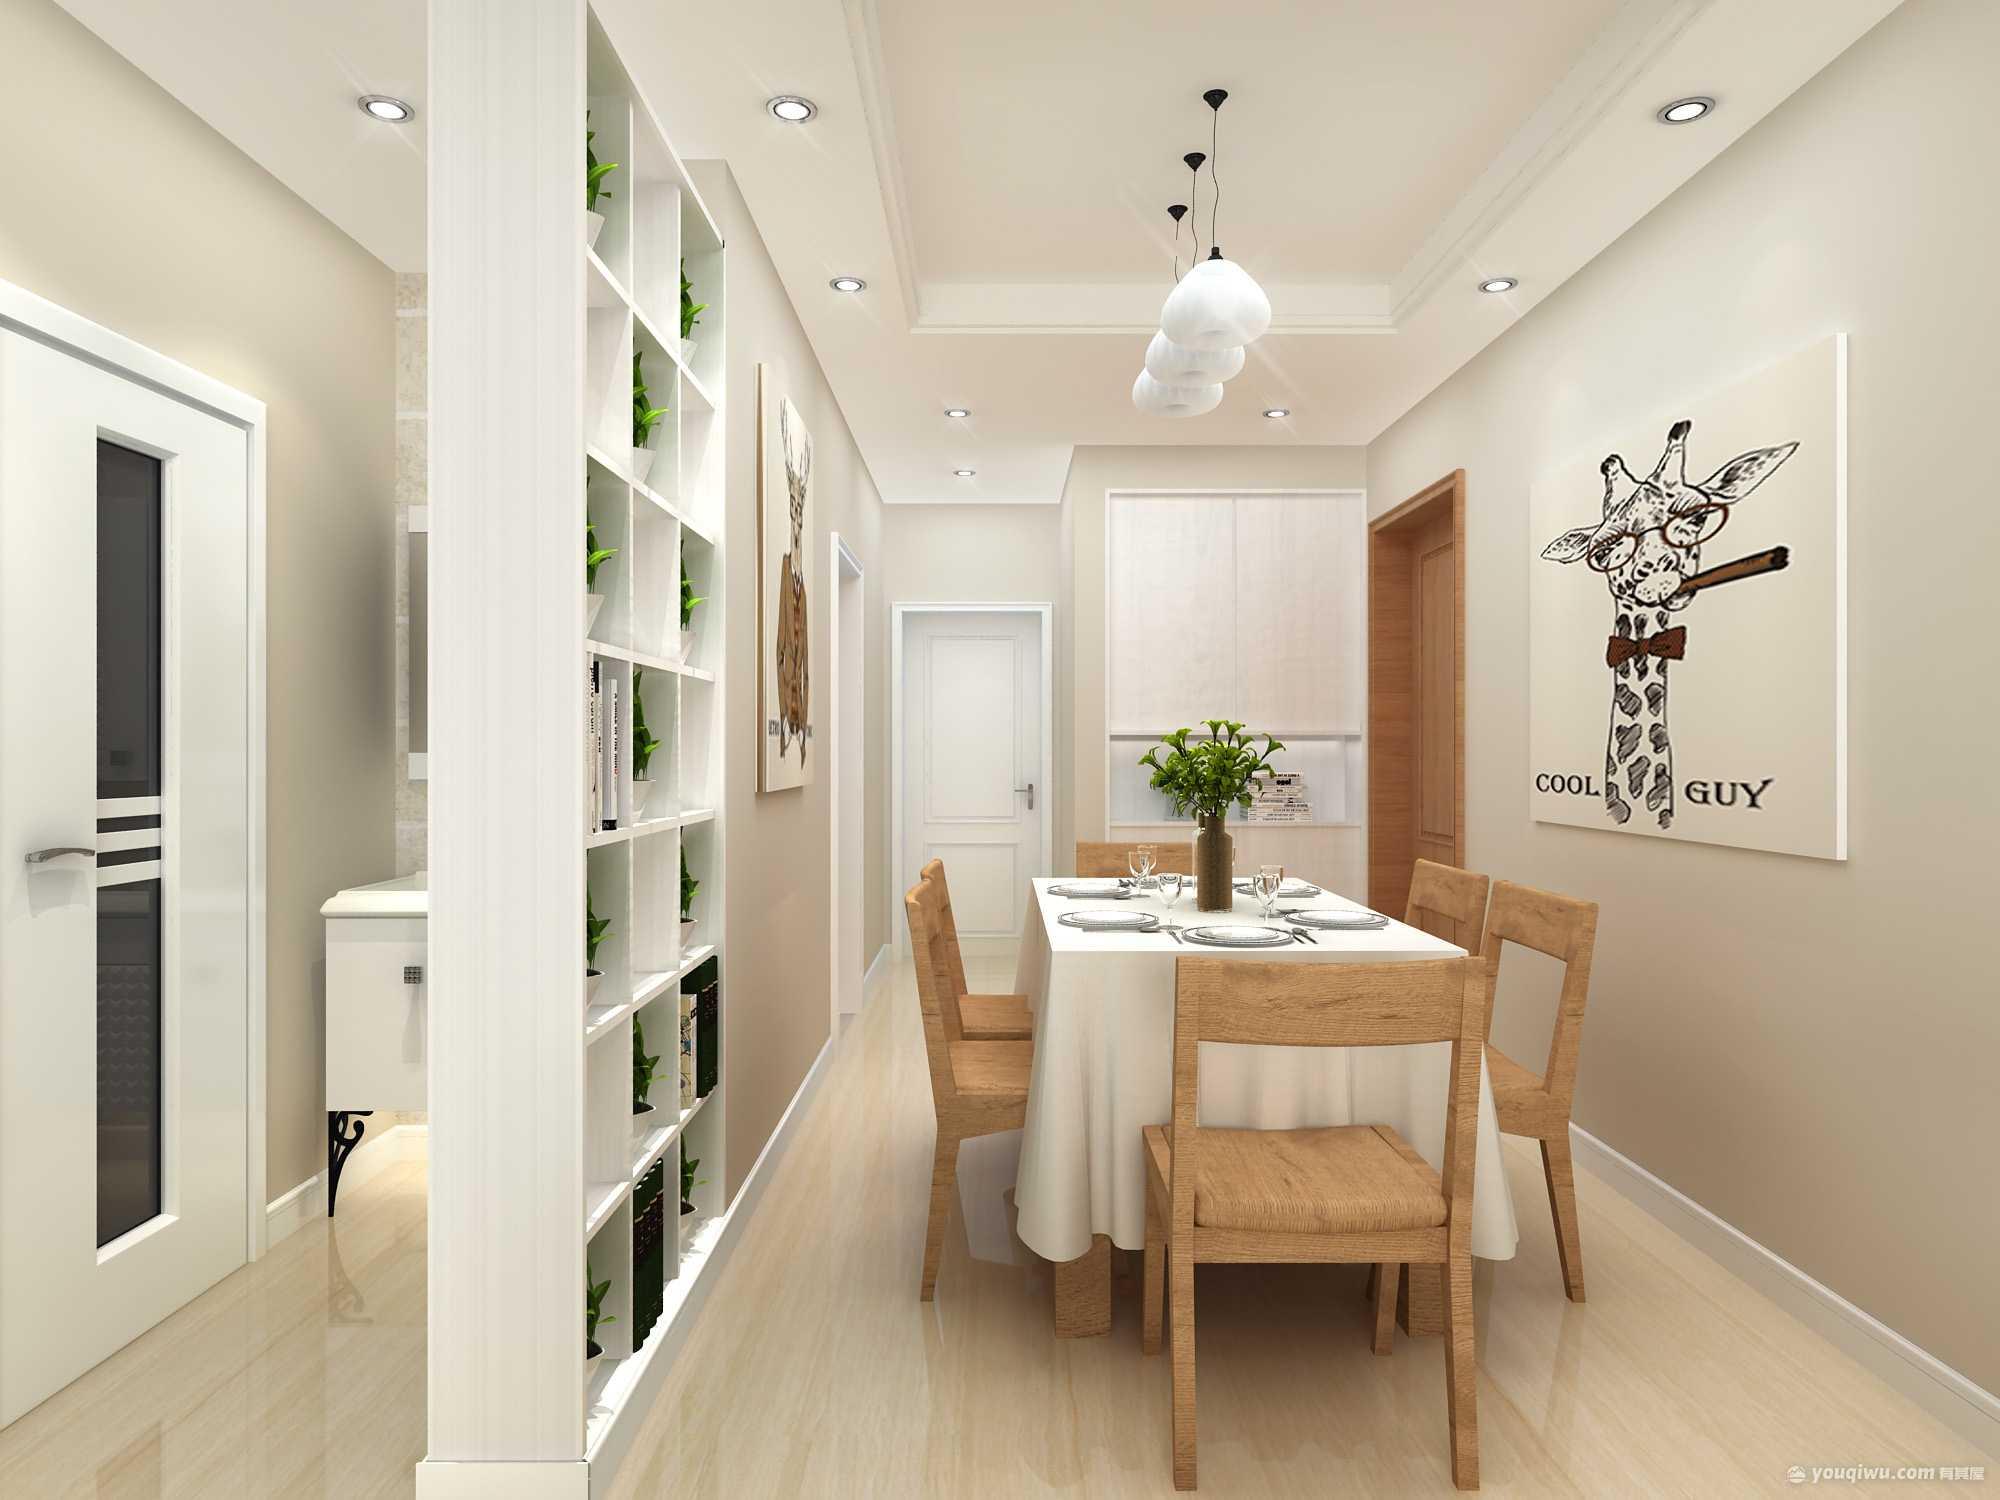 现代风格餐厅装修效果图—济南万泰装饰